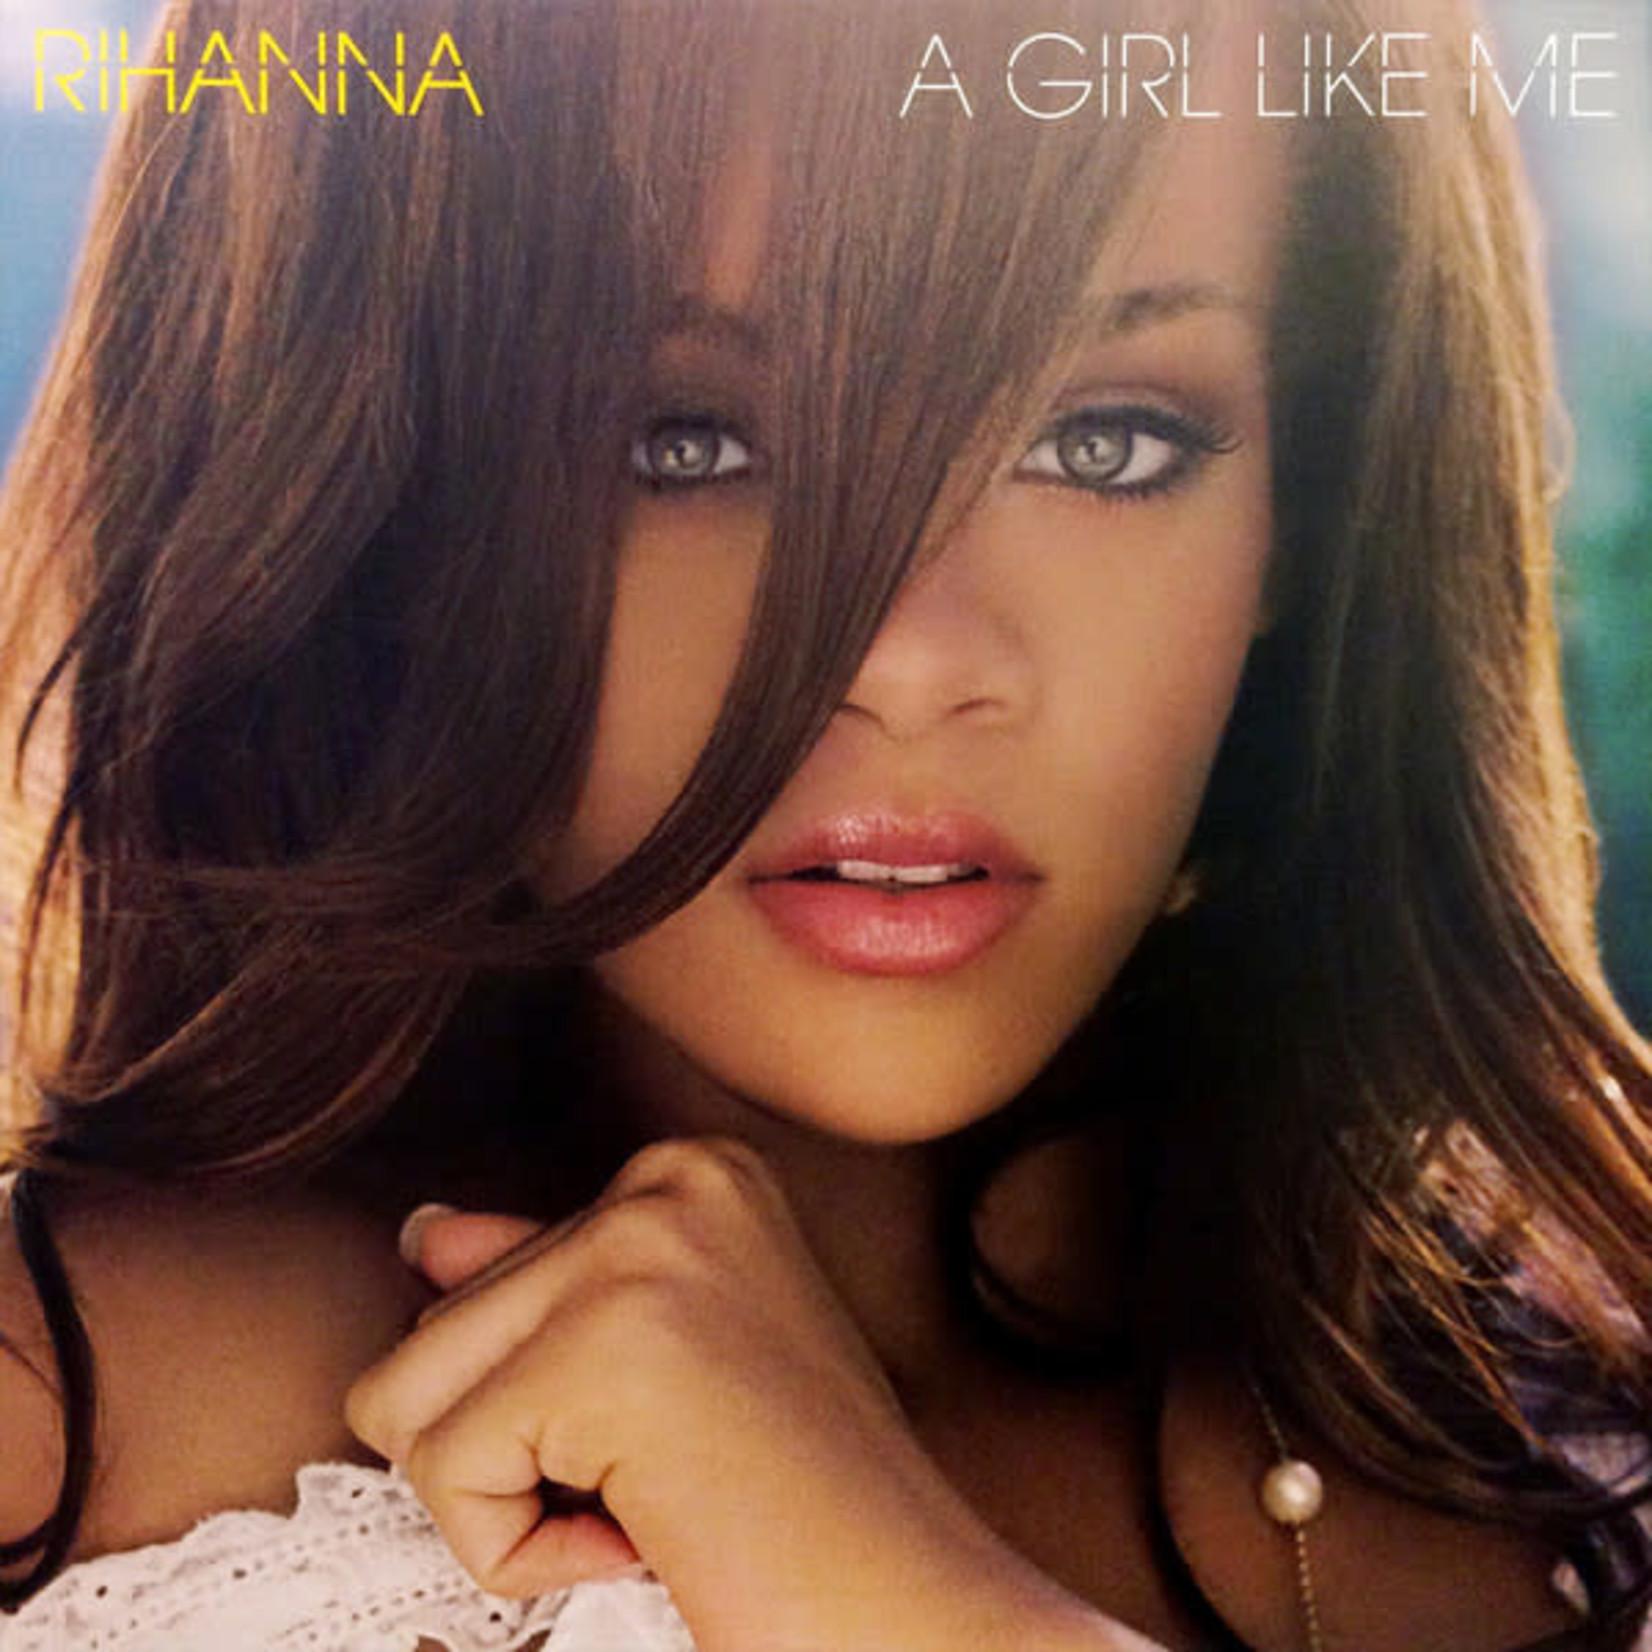 RIHANNA A GIRL LIKE ME (2LP)